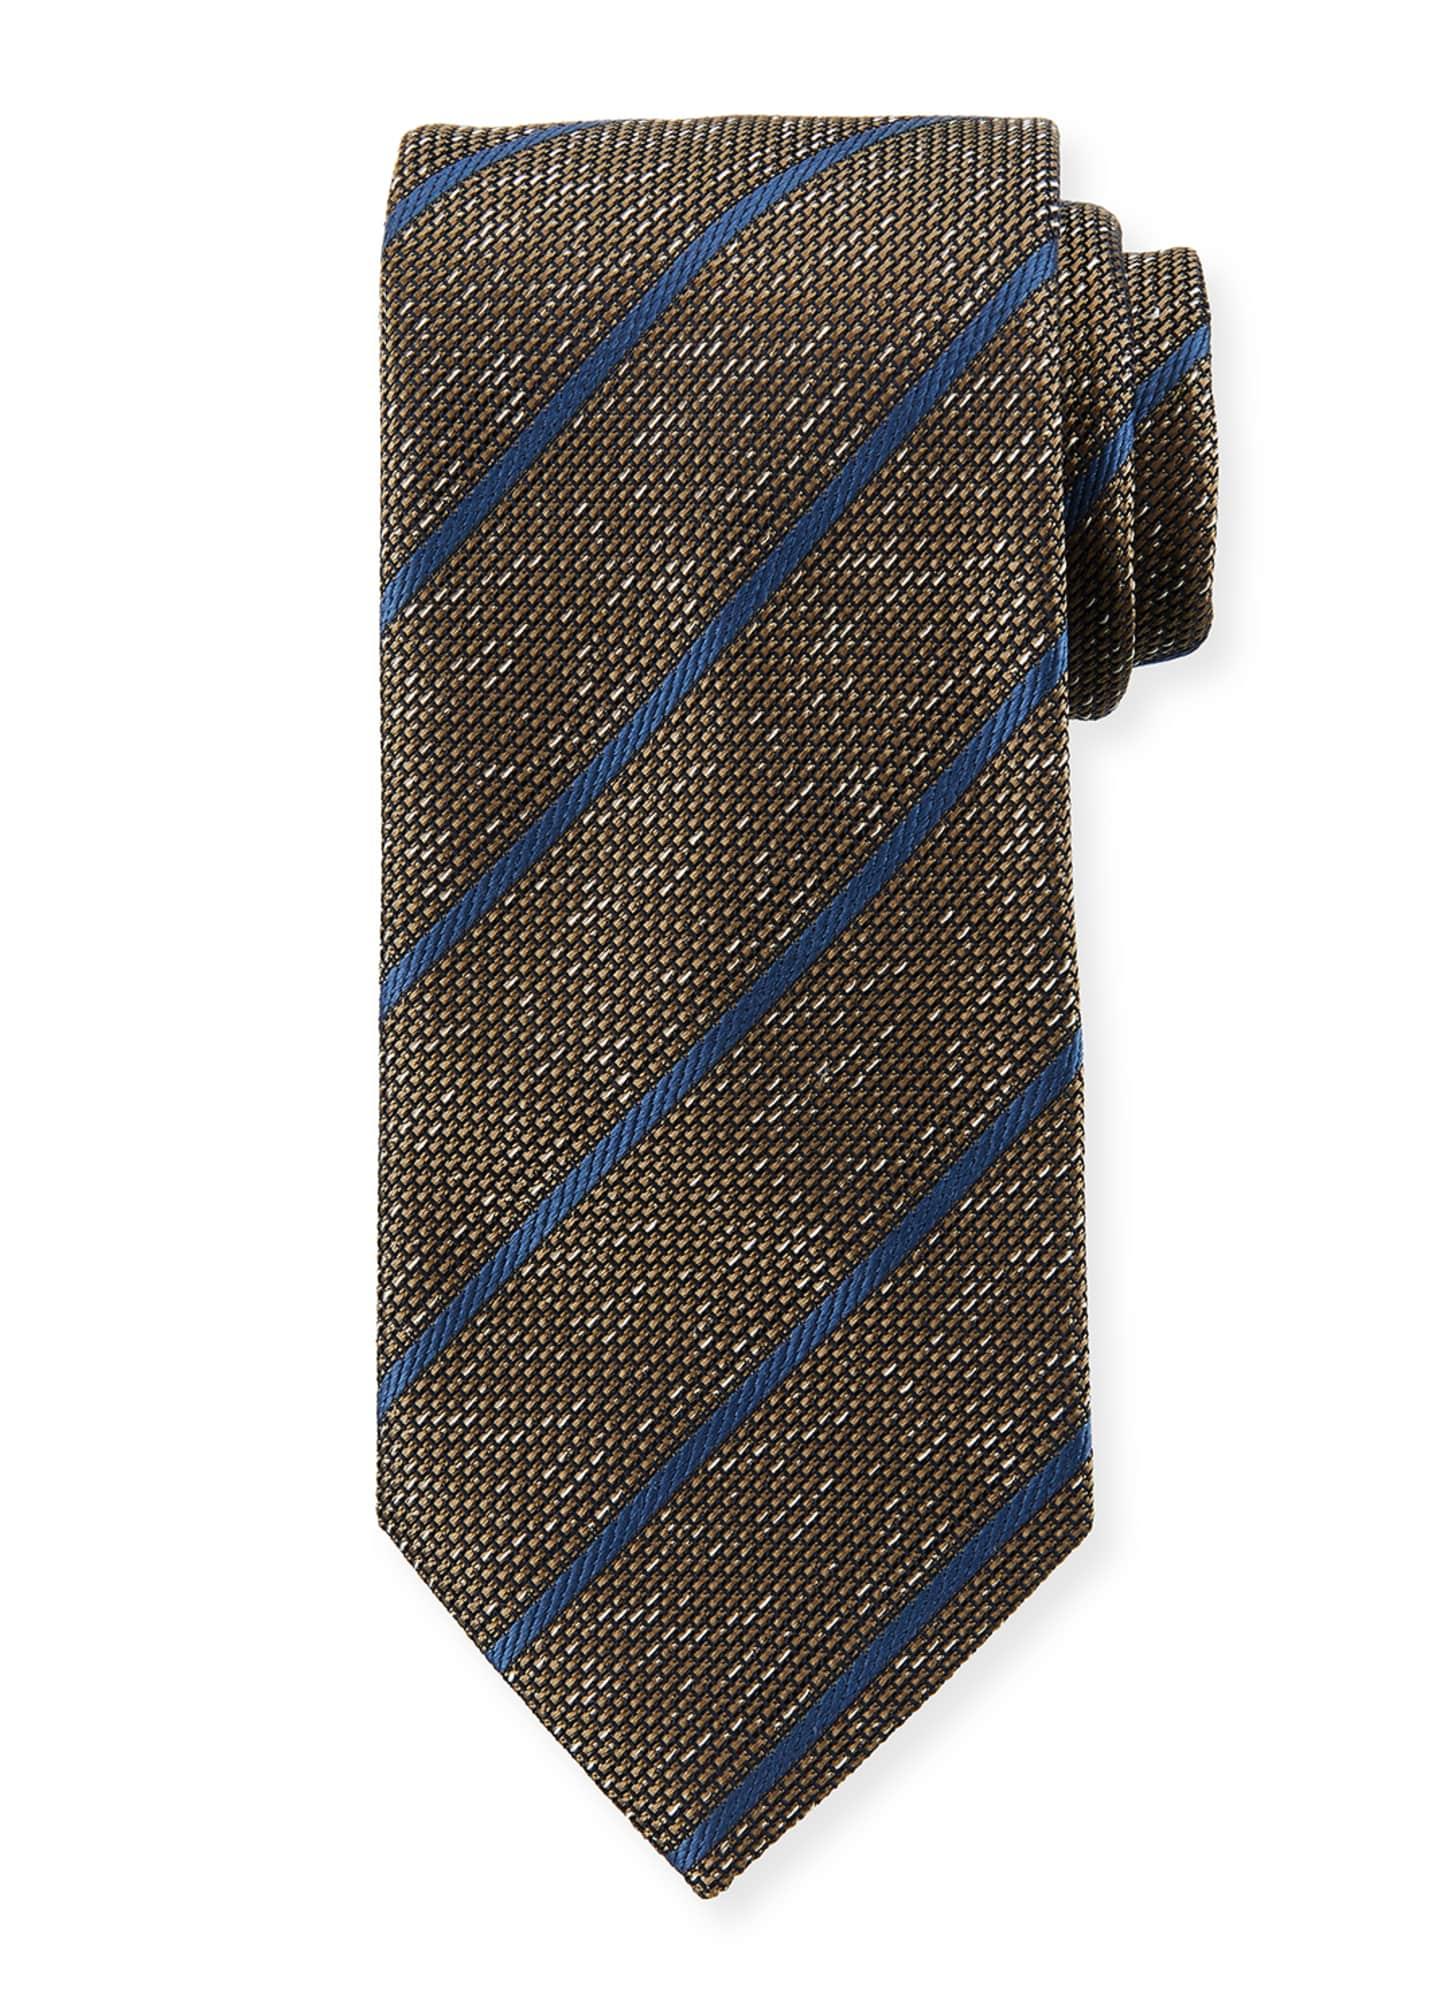 Brioni Textured Striped Silk Tie